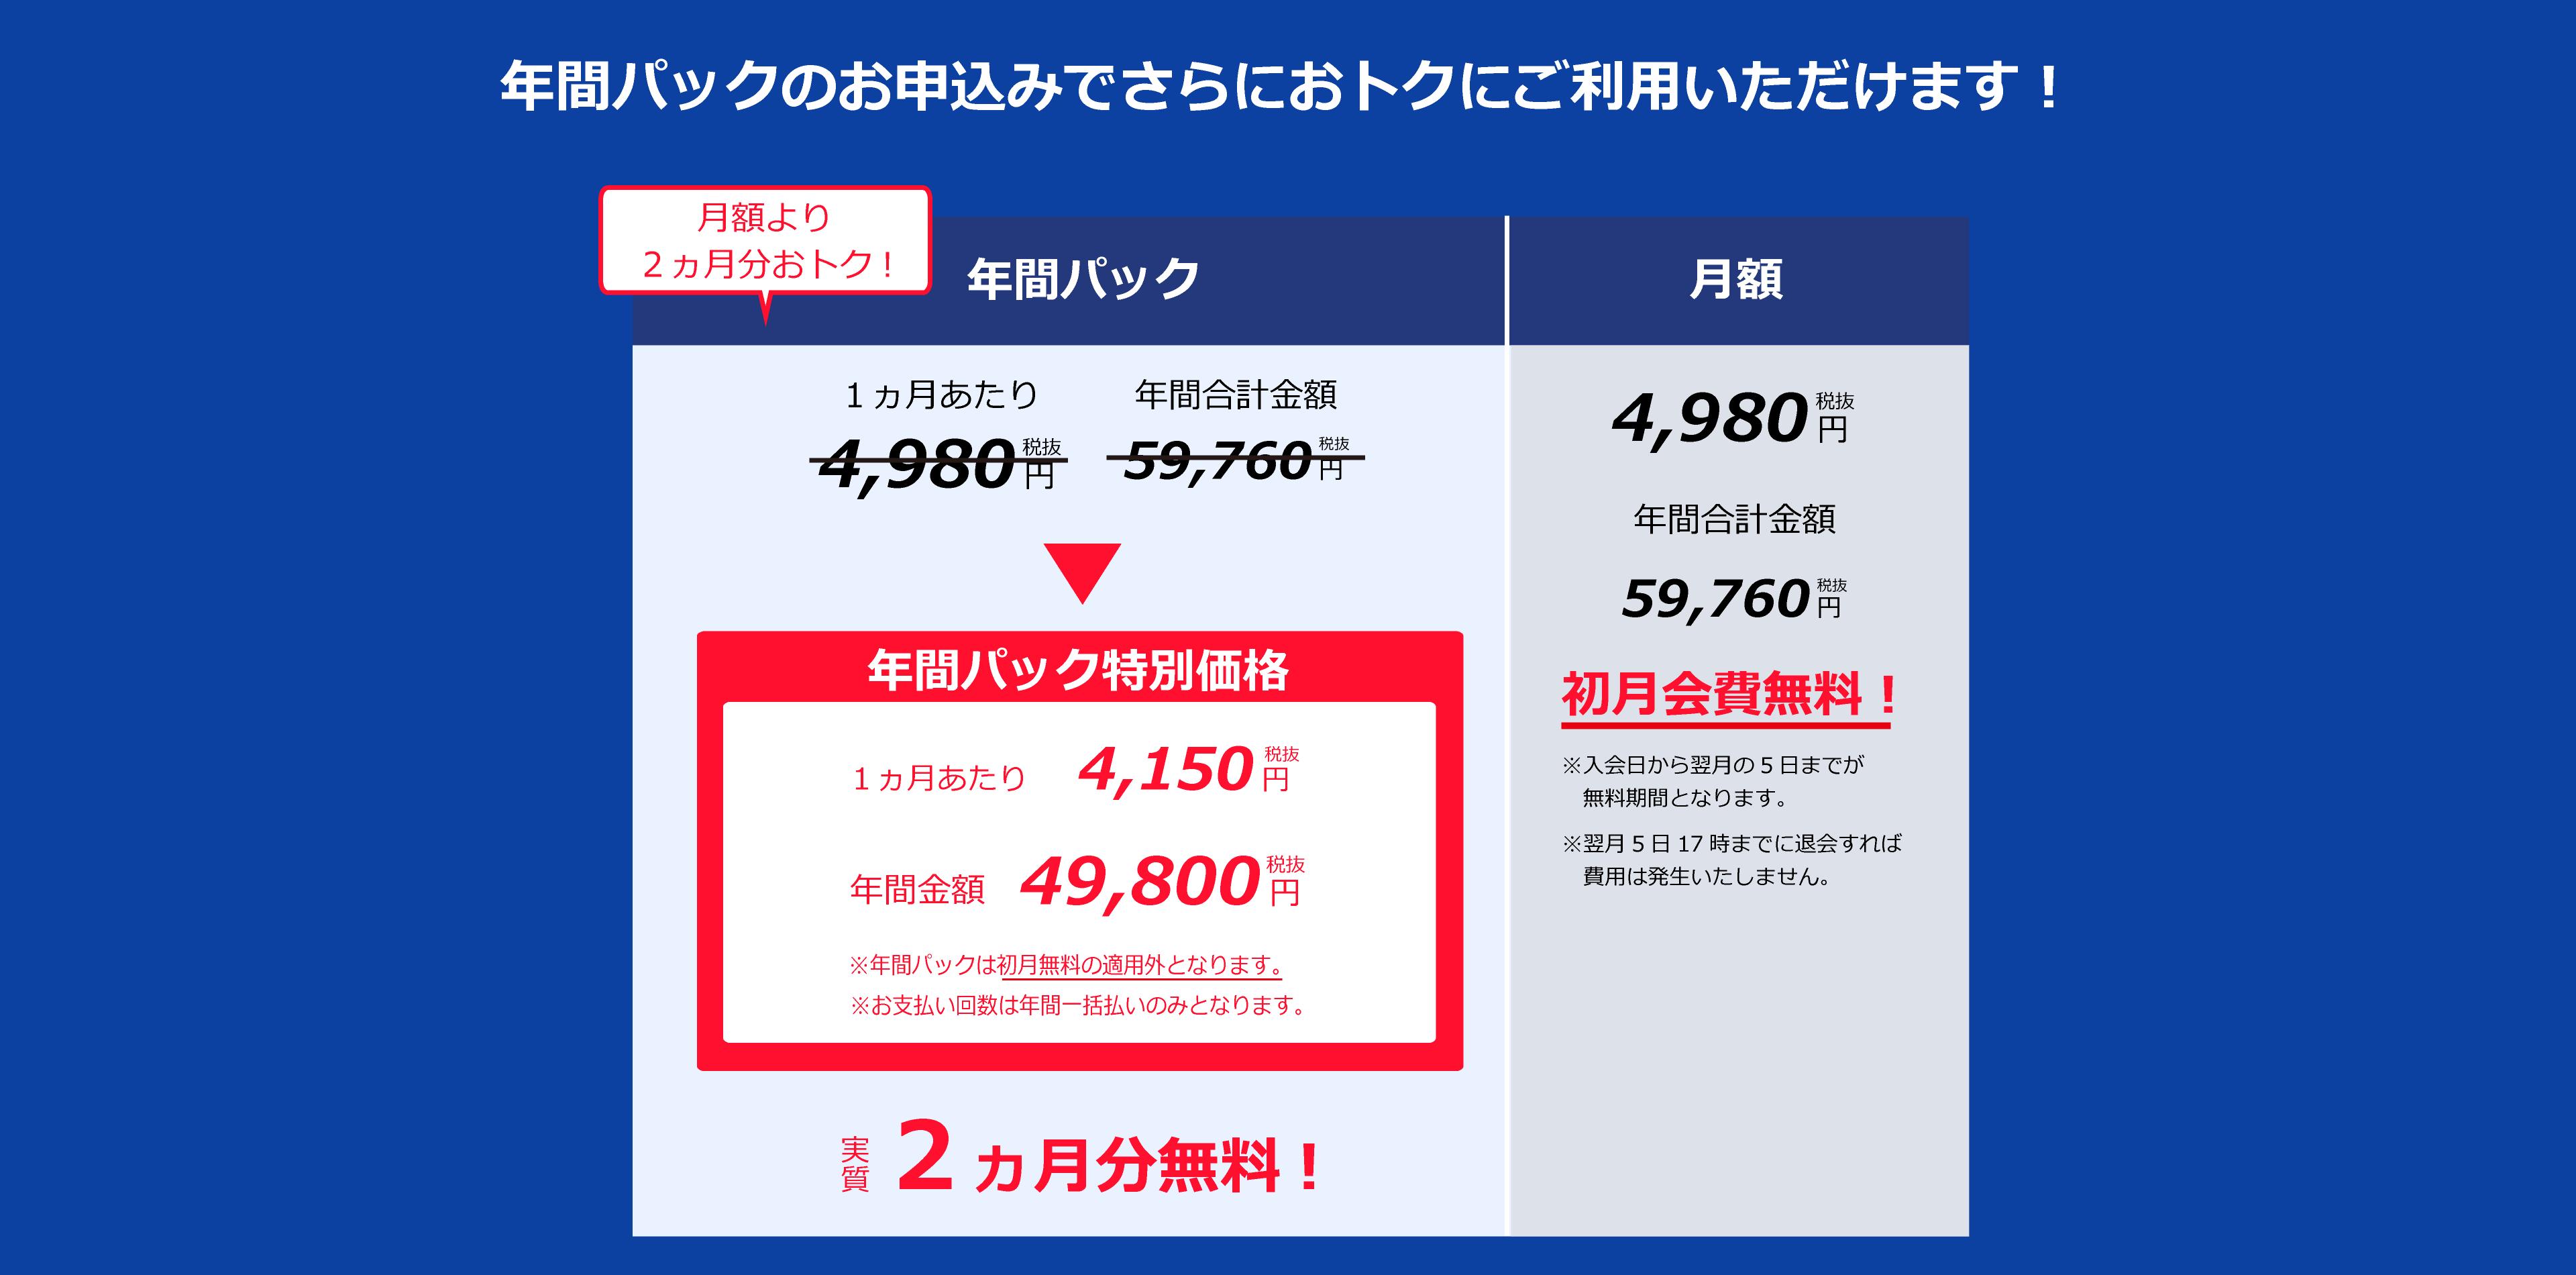 ワンネス経営動画会員の料金表パソコン用